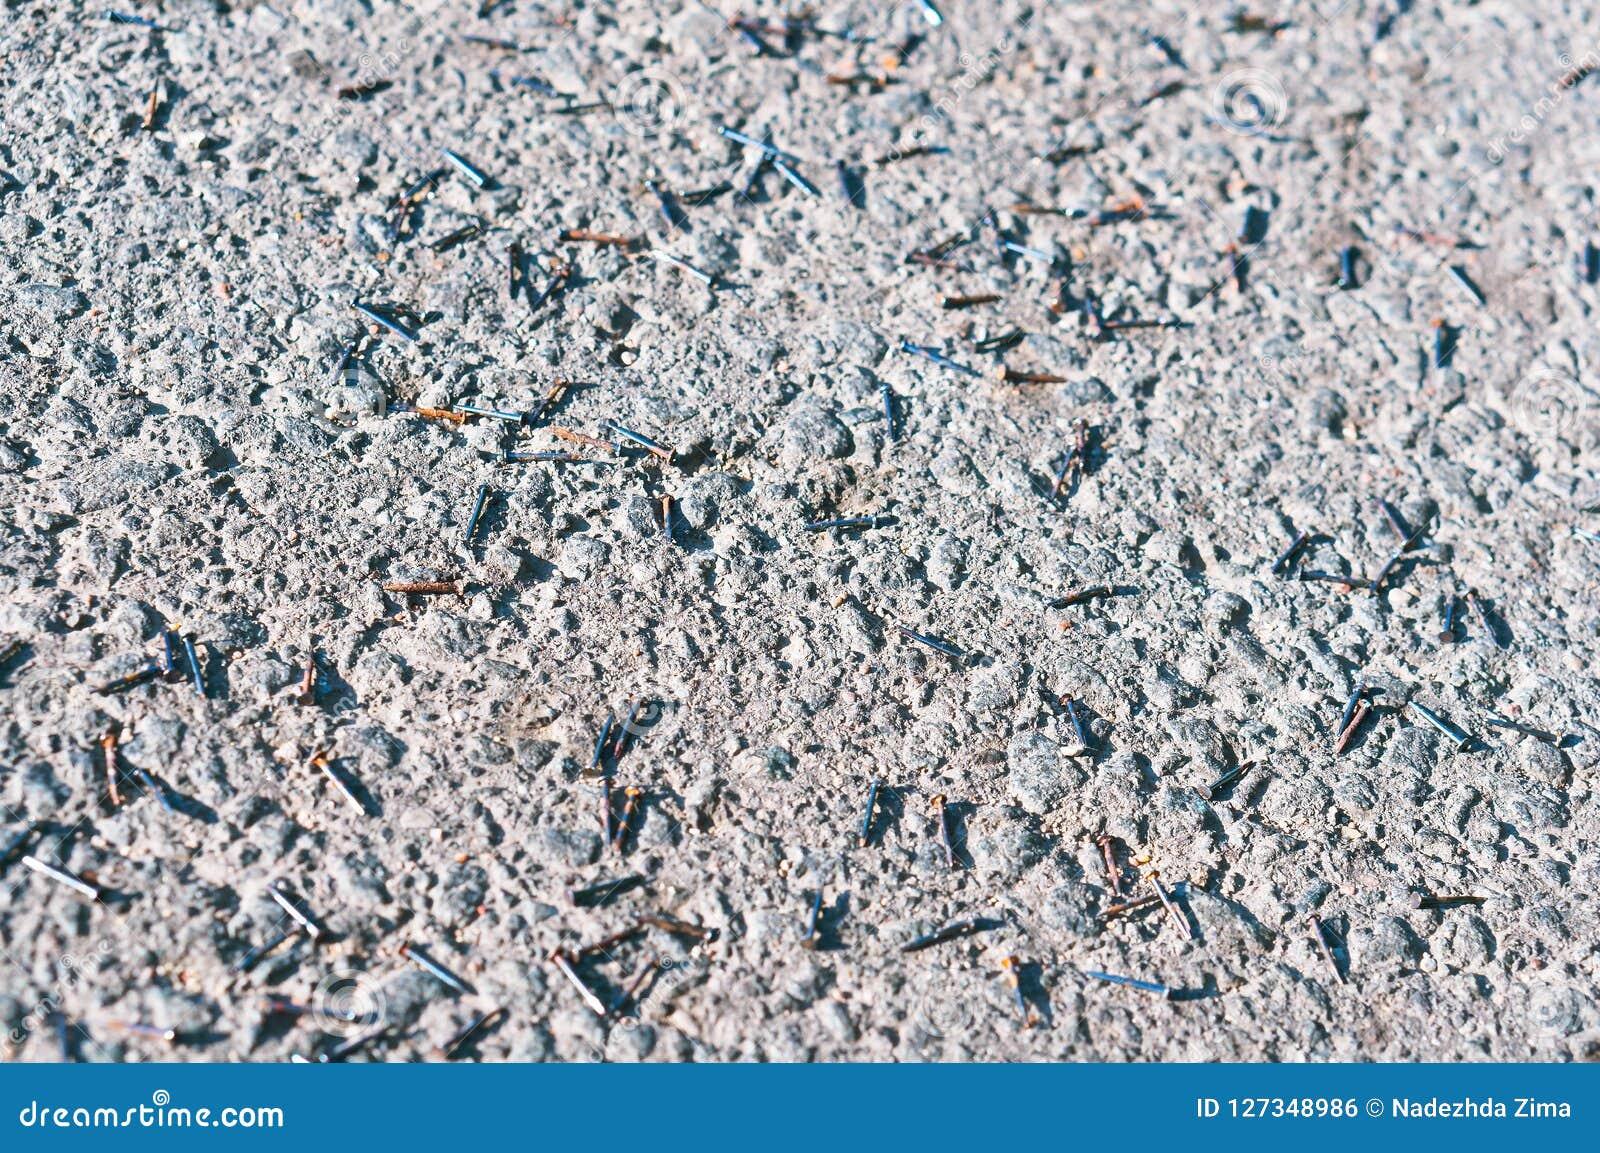 De spijkers van het bouwmetaal verspreidden zich op de weg, kleine ijzerspijkers op de weg